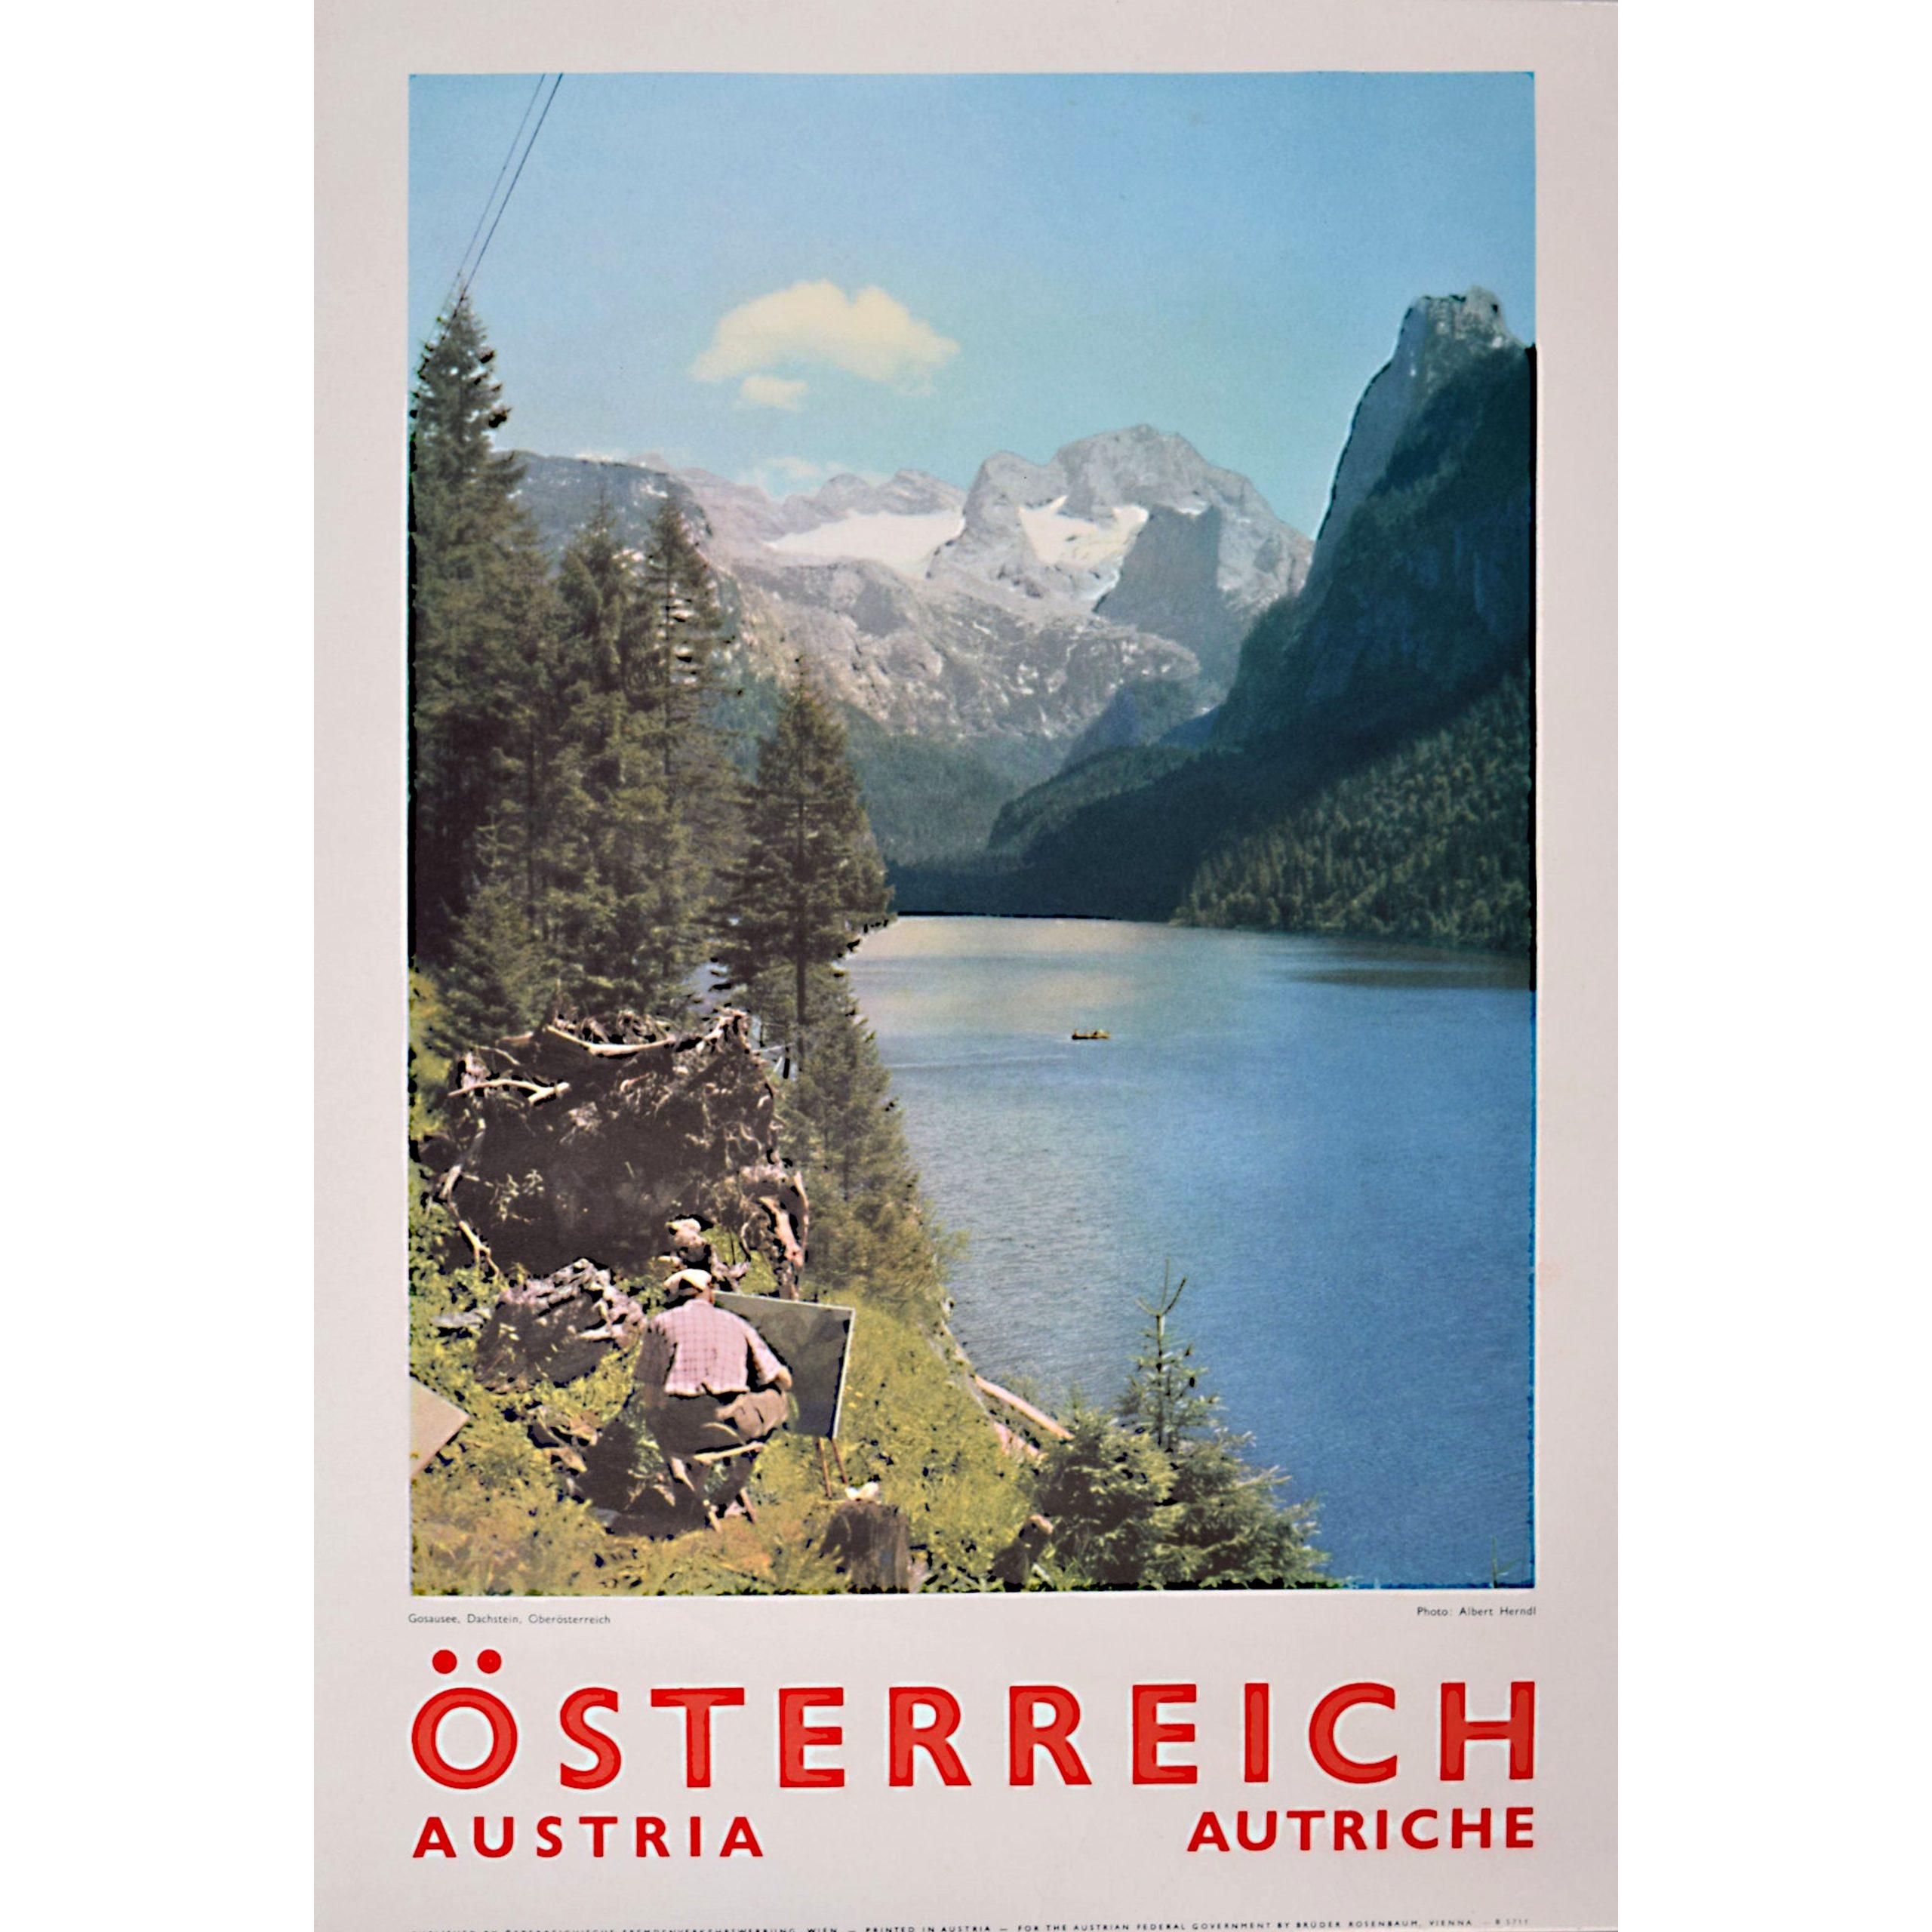 Original Austria Photographic Travel Poster Gosaussee Dachstein